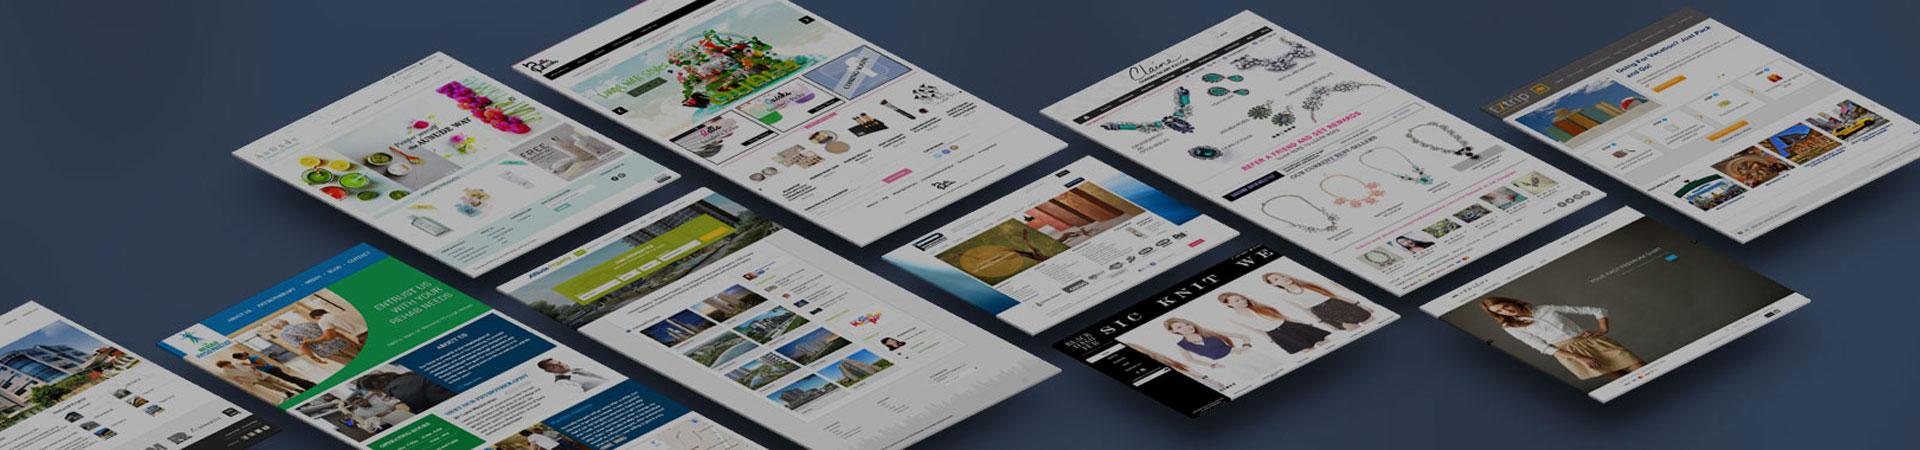 Website Design Singapore - Pacific Licensing Studio